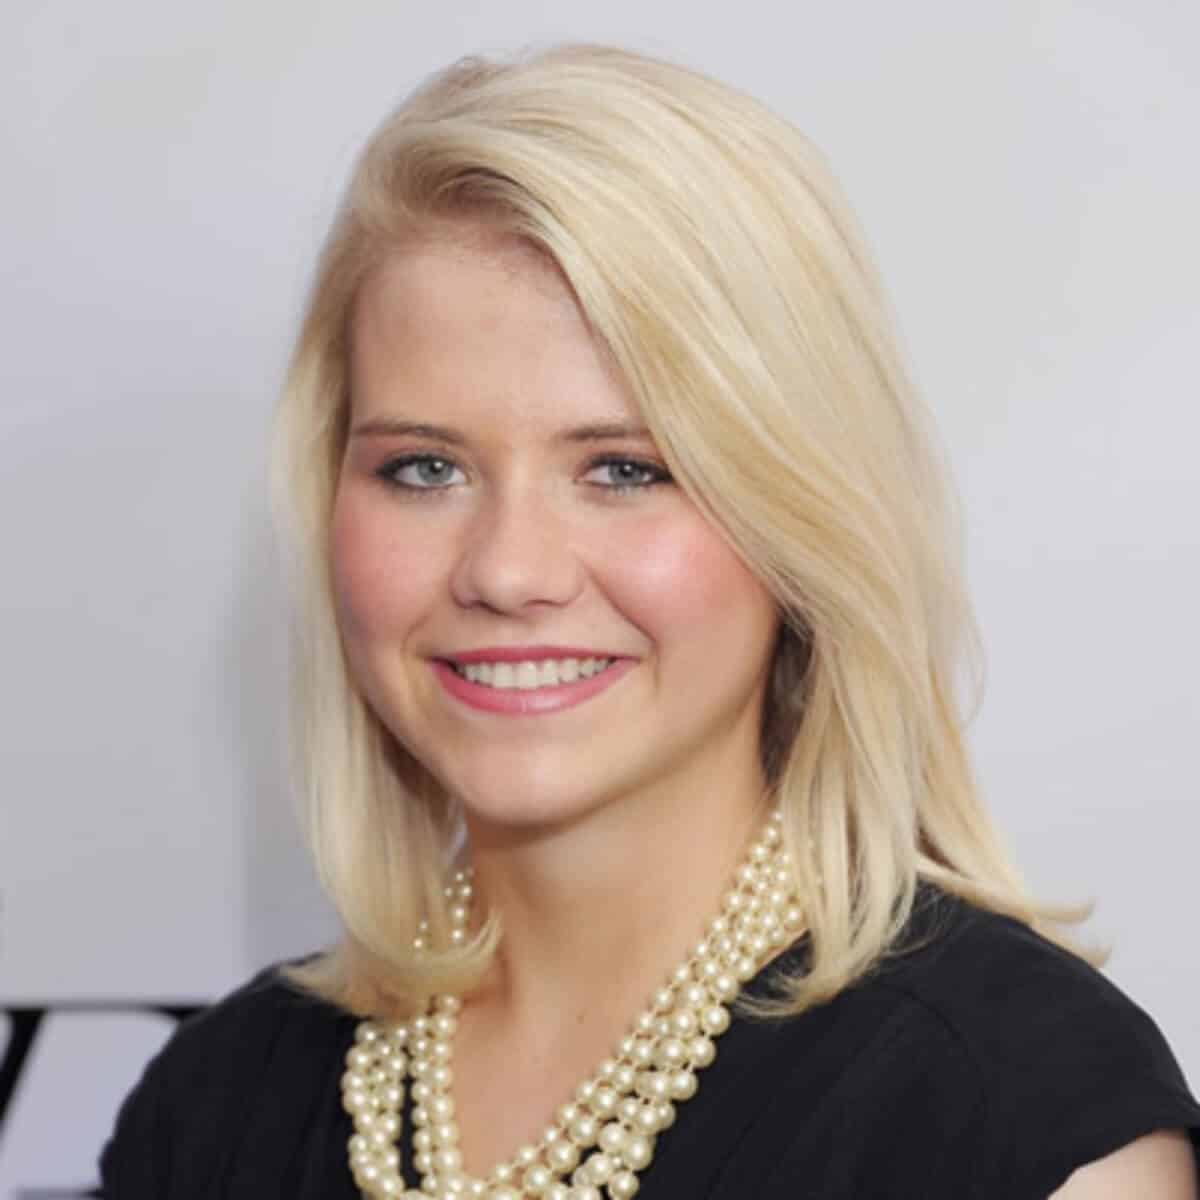 Image of Elizabeth Smart